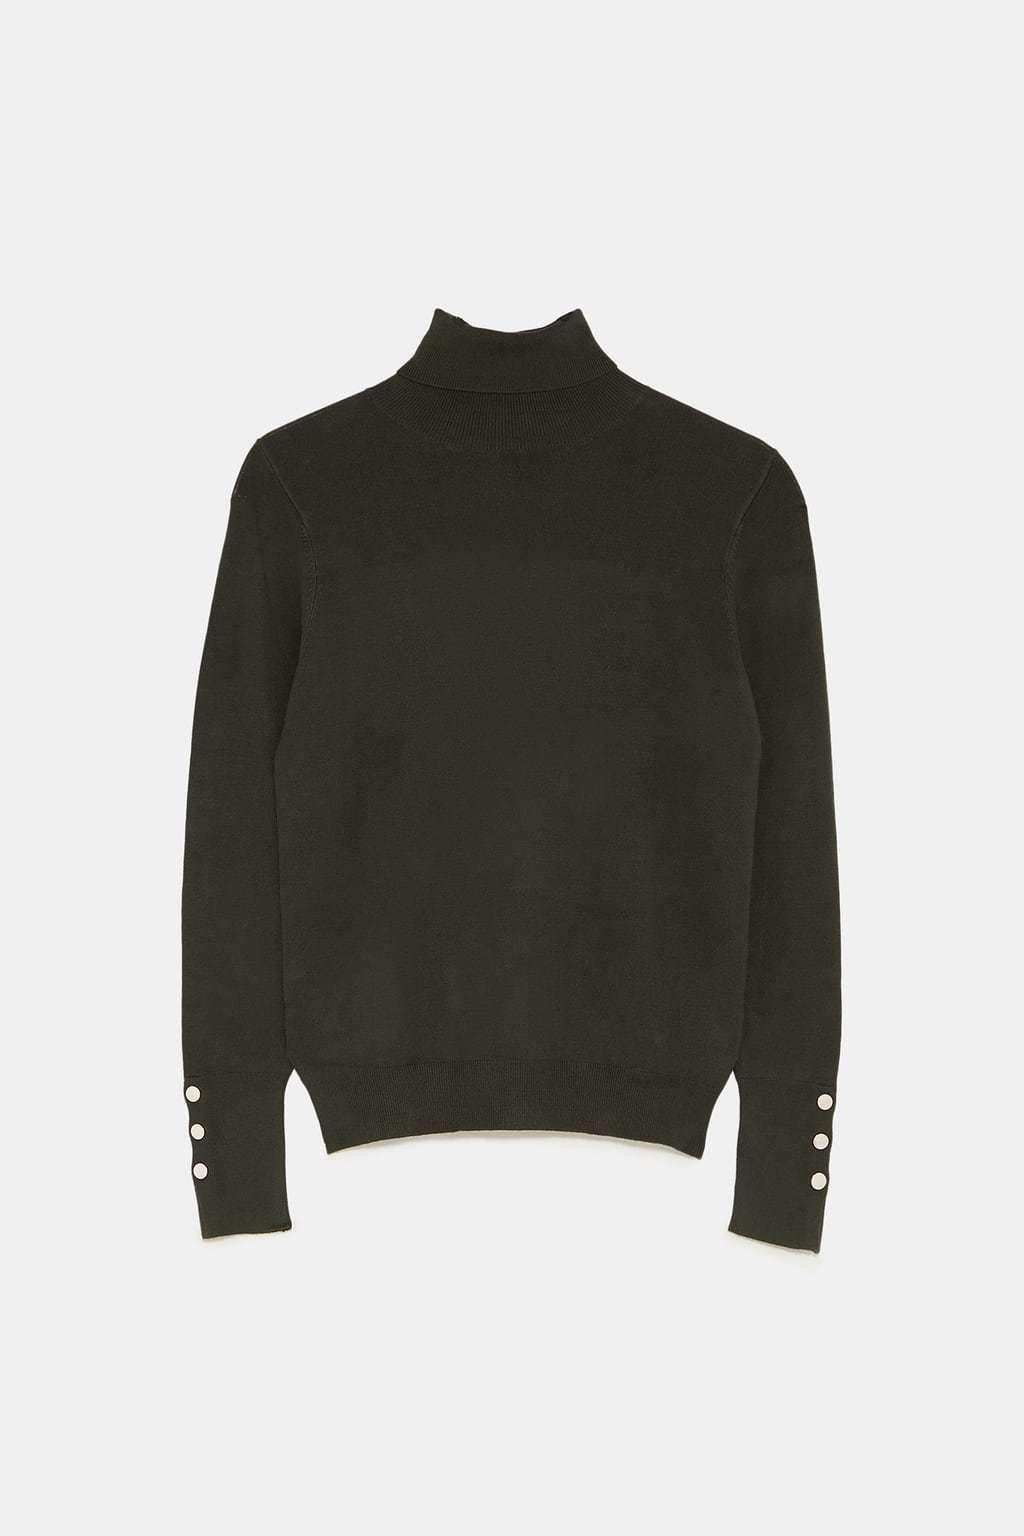 Jersey de cuello alto, de Zara (19,95 euros).